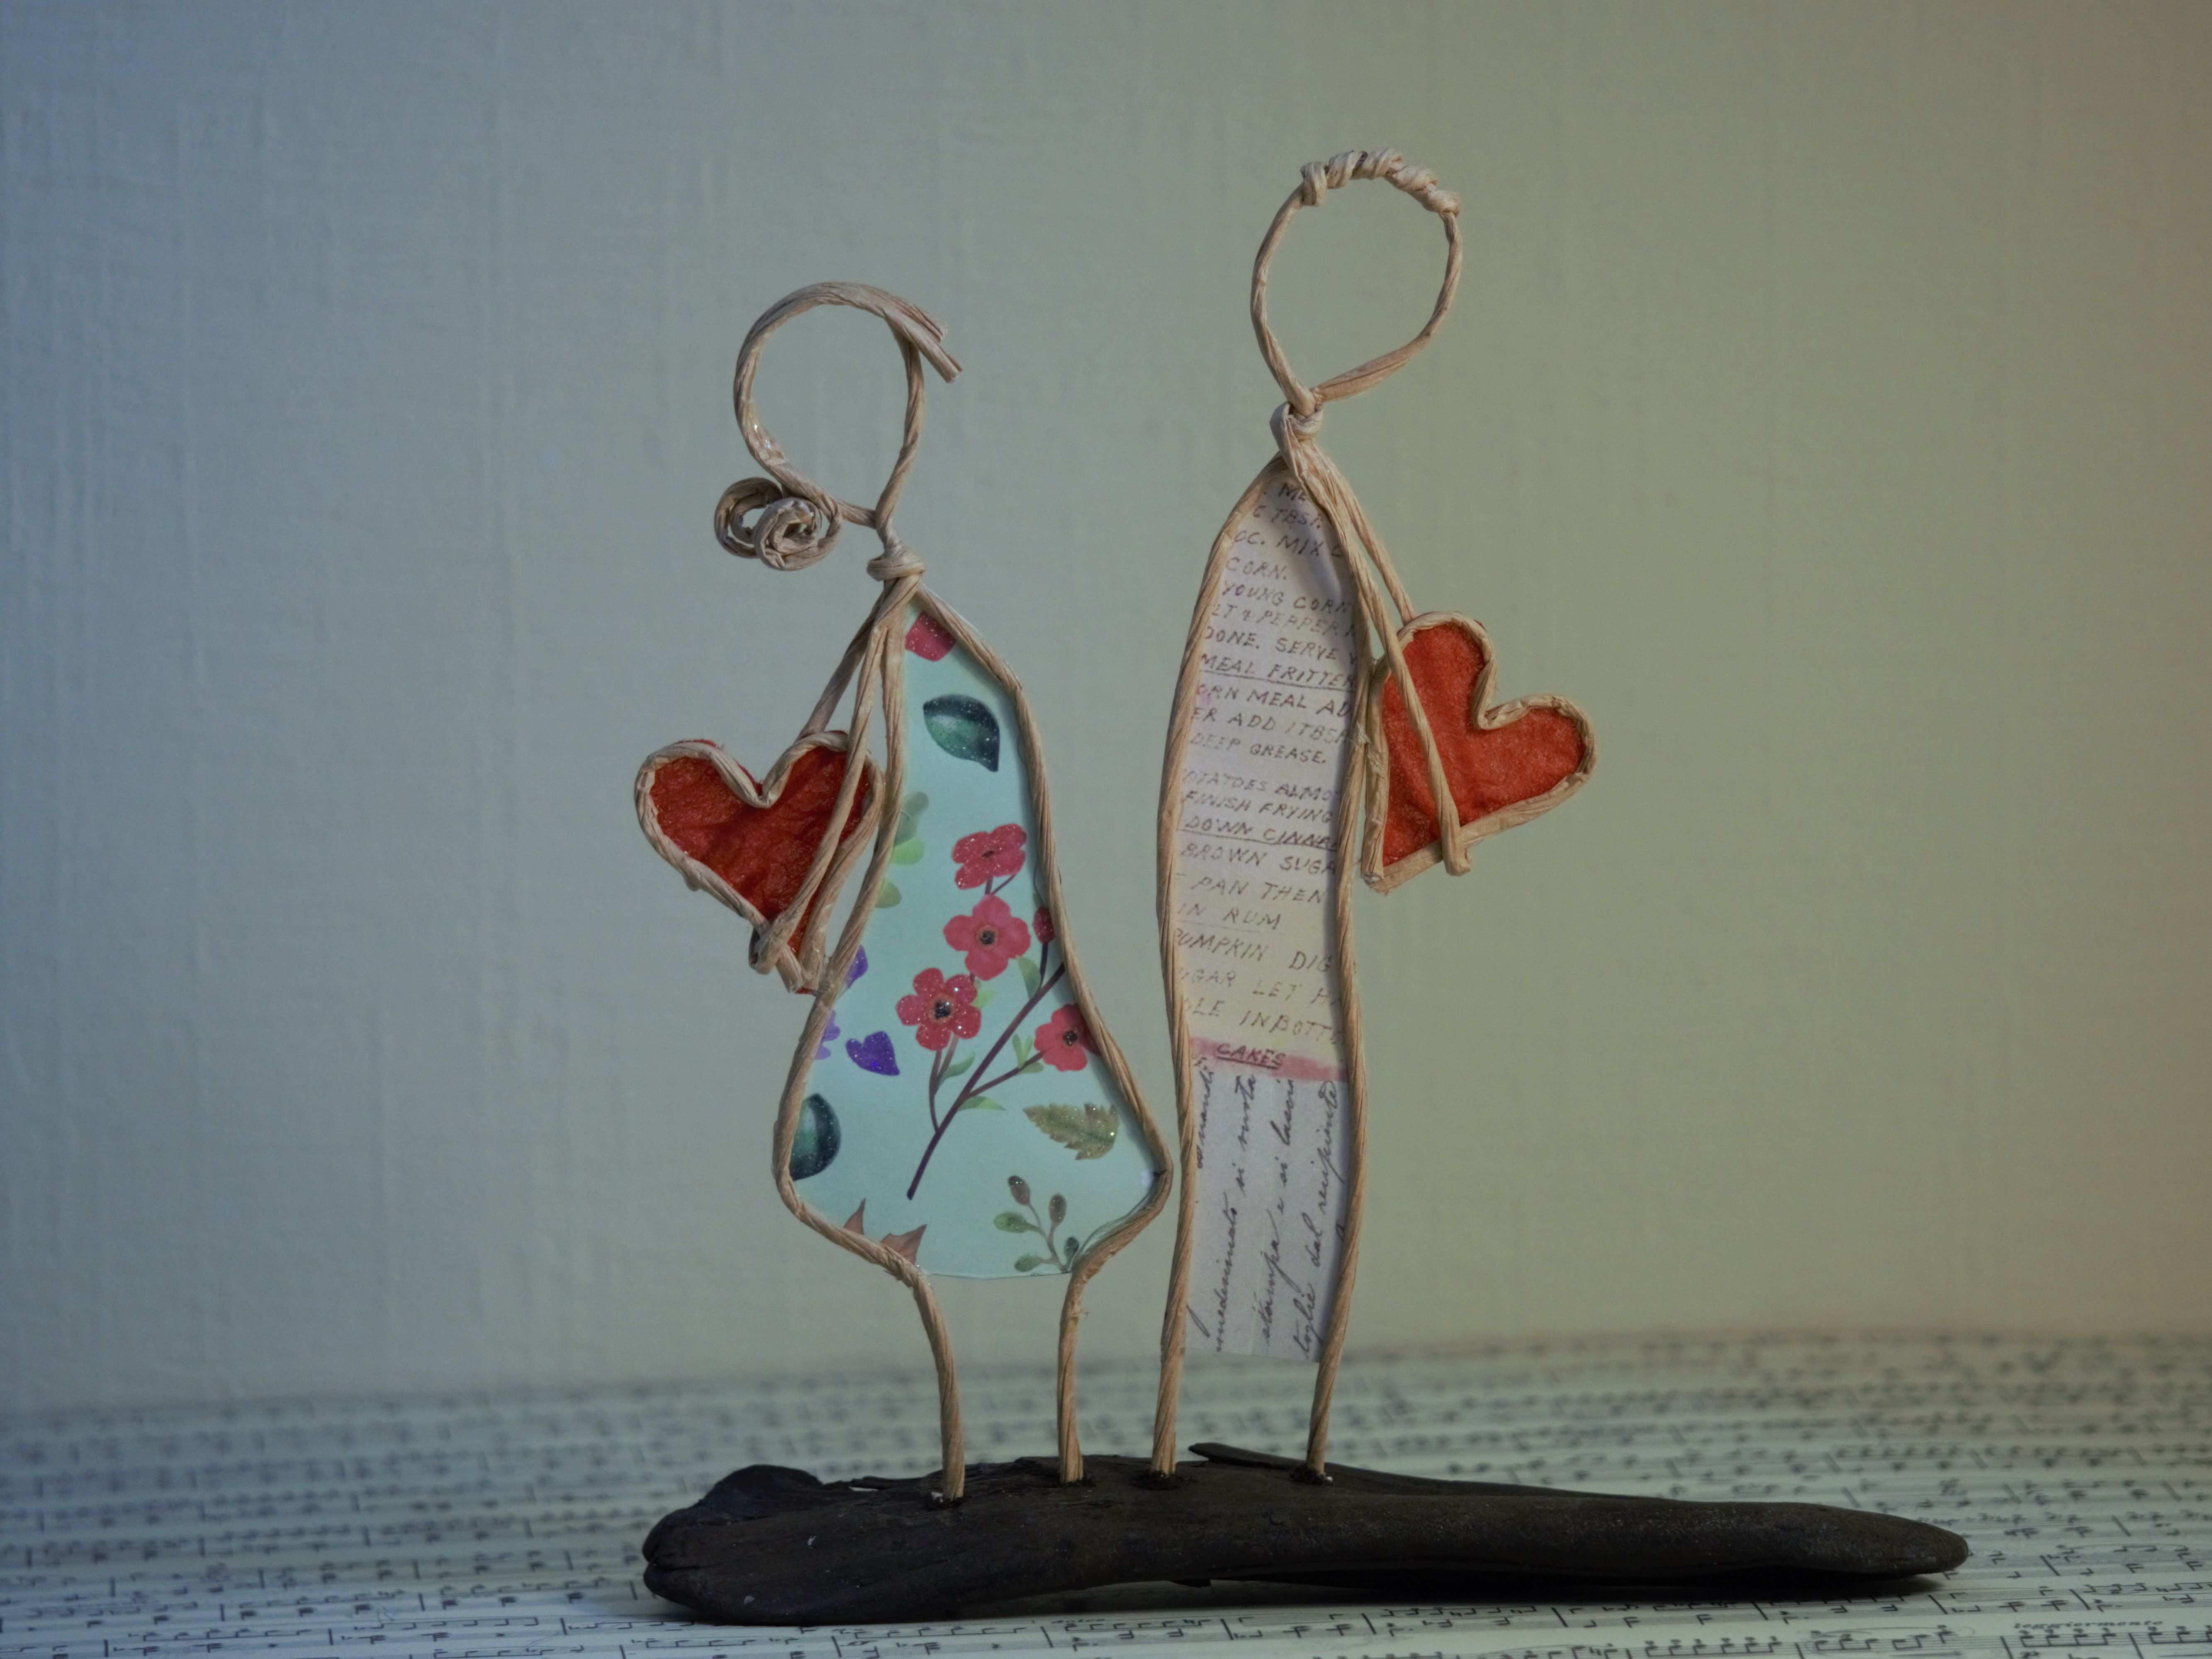 Pin Von Julie Shackelford Auf Paper Crafts Basteln Mit Draht Schablonen Vorlagen Basteln